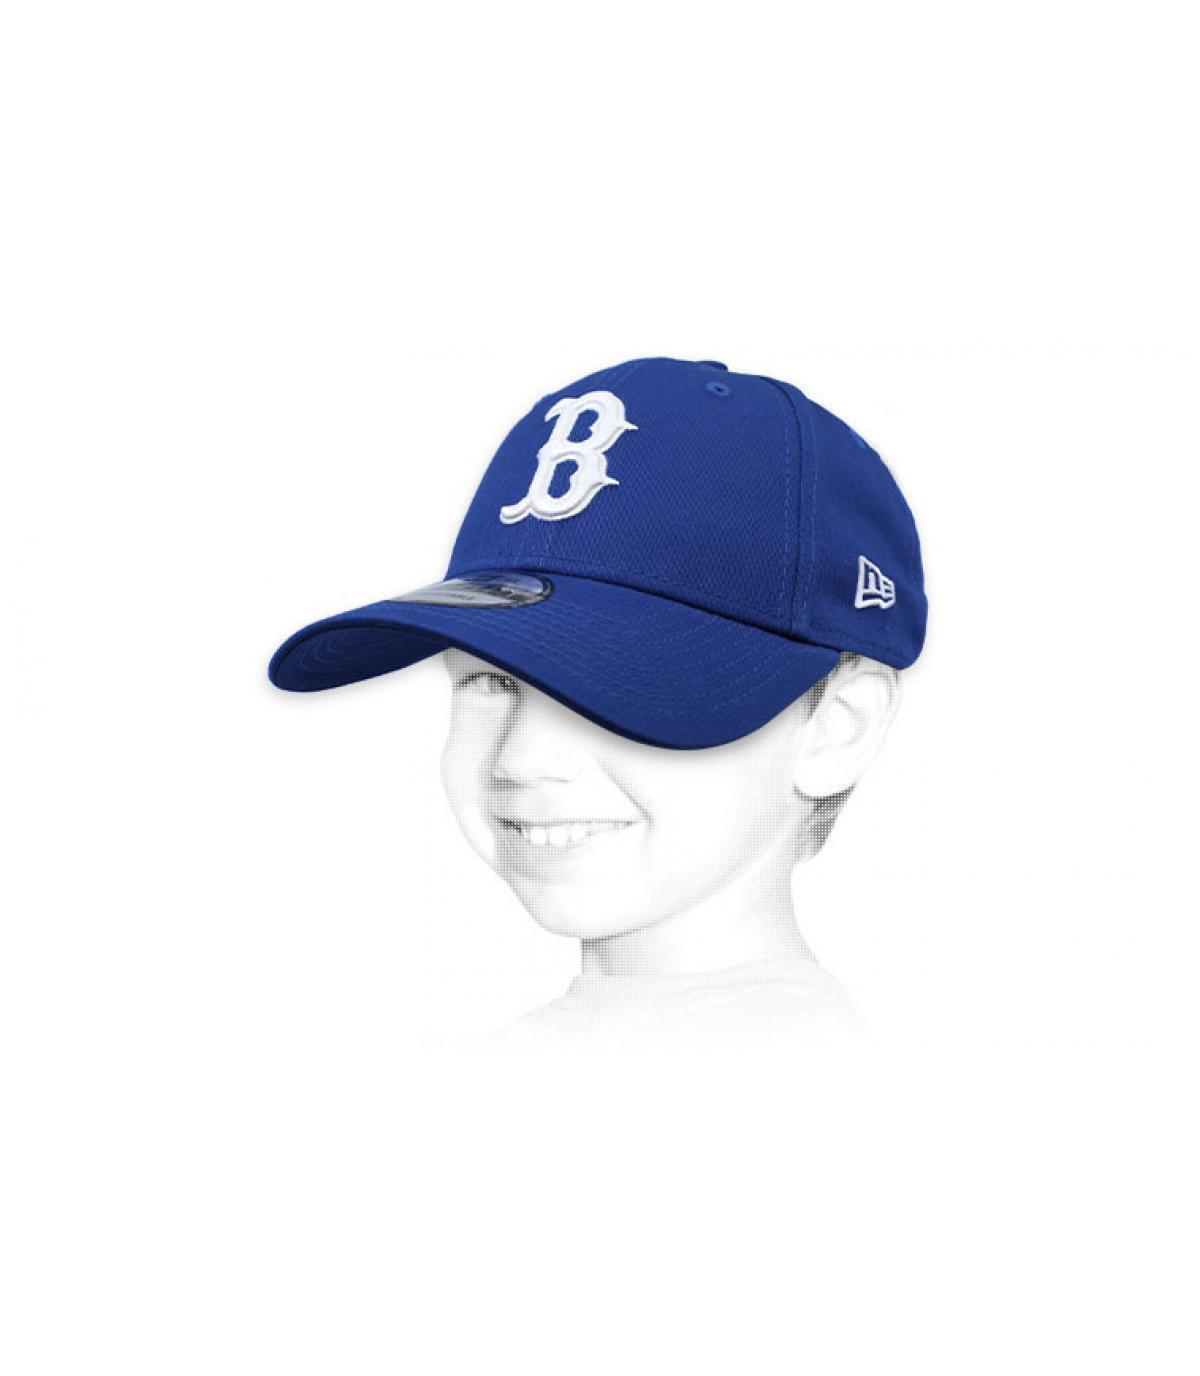 casquette enfant B bleu